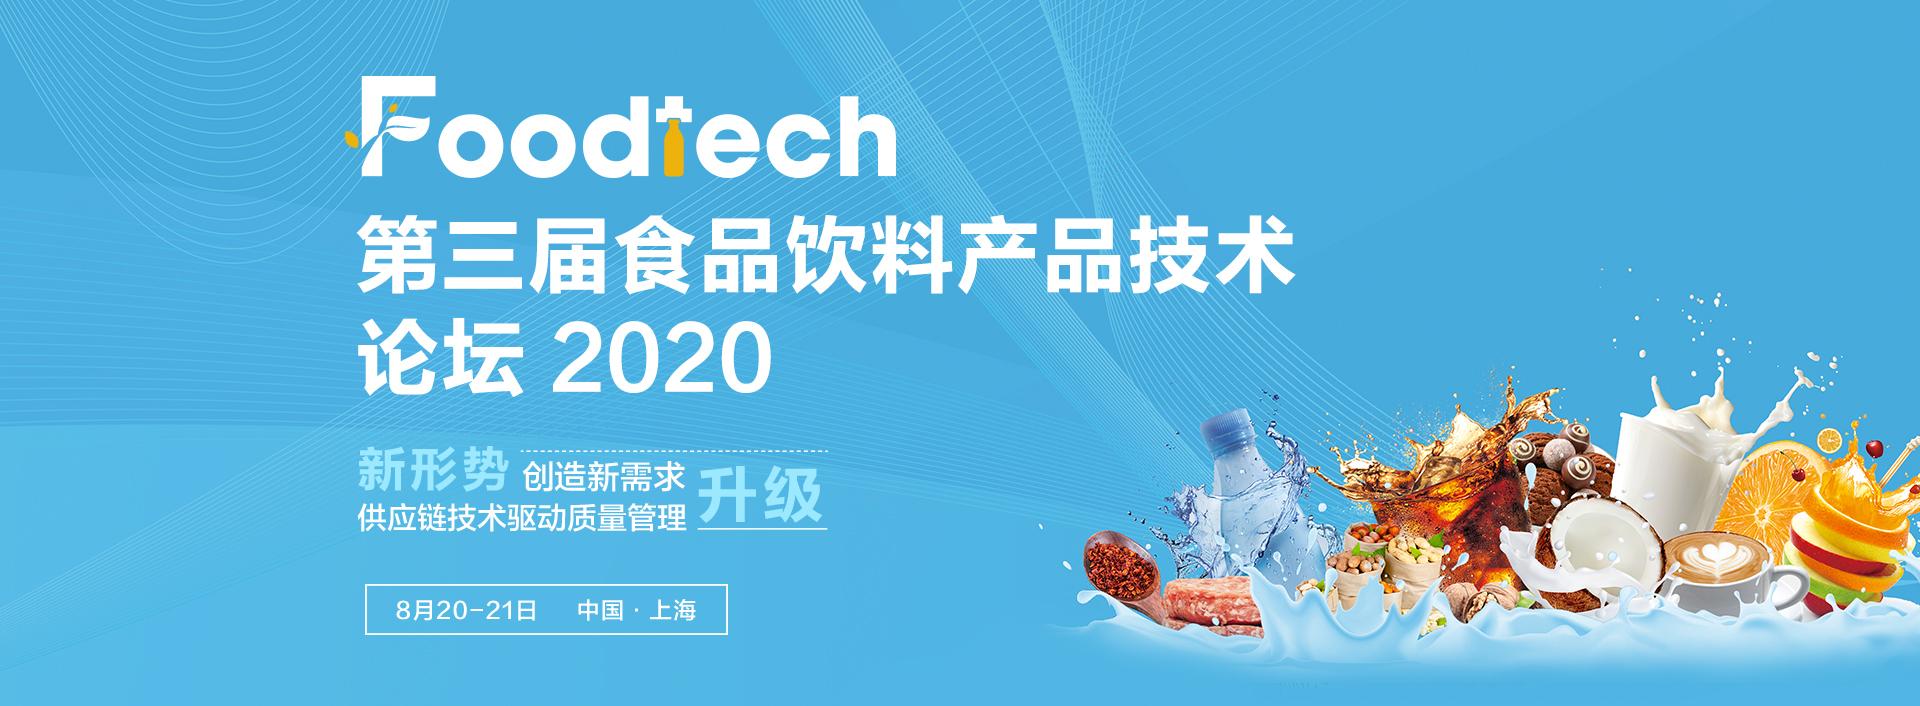 第三届食品饮料产品技术论坛 2020